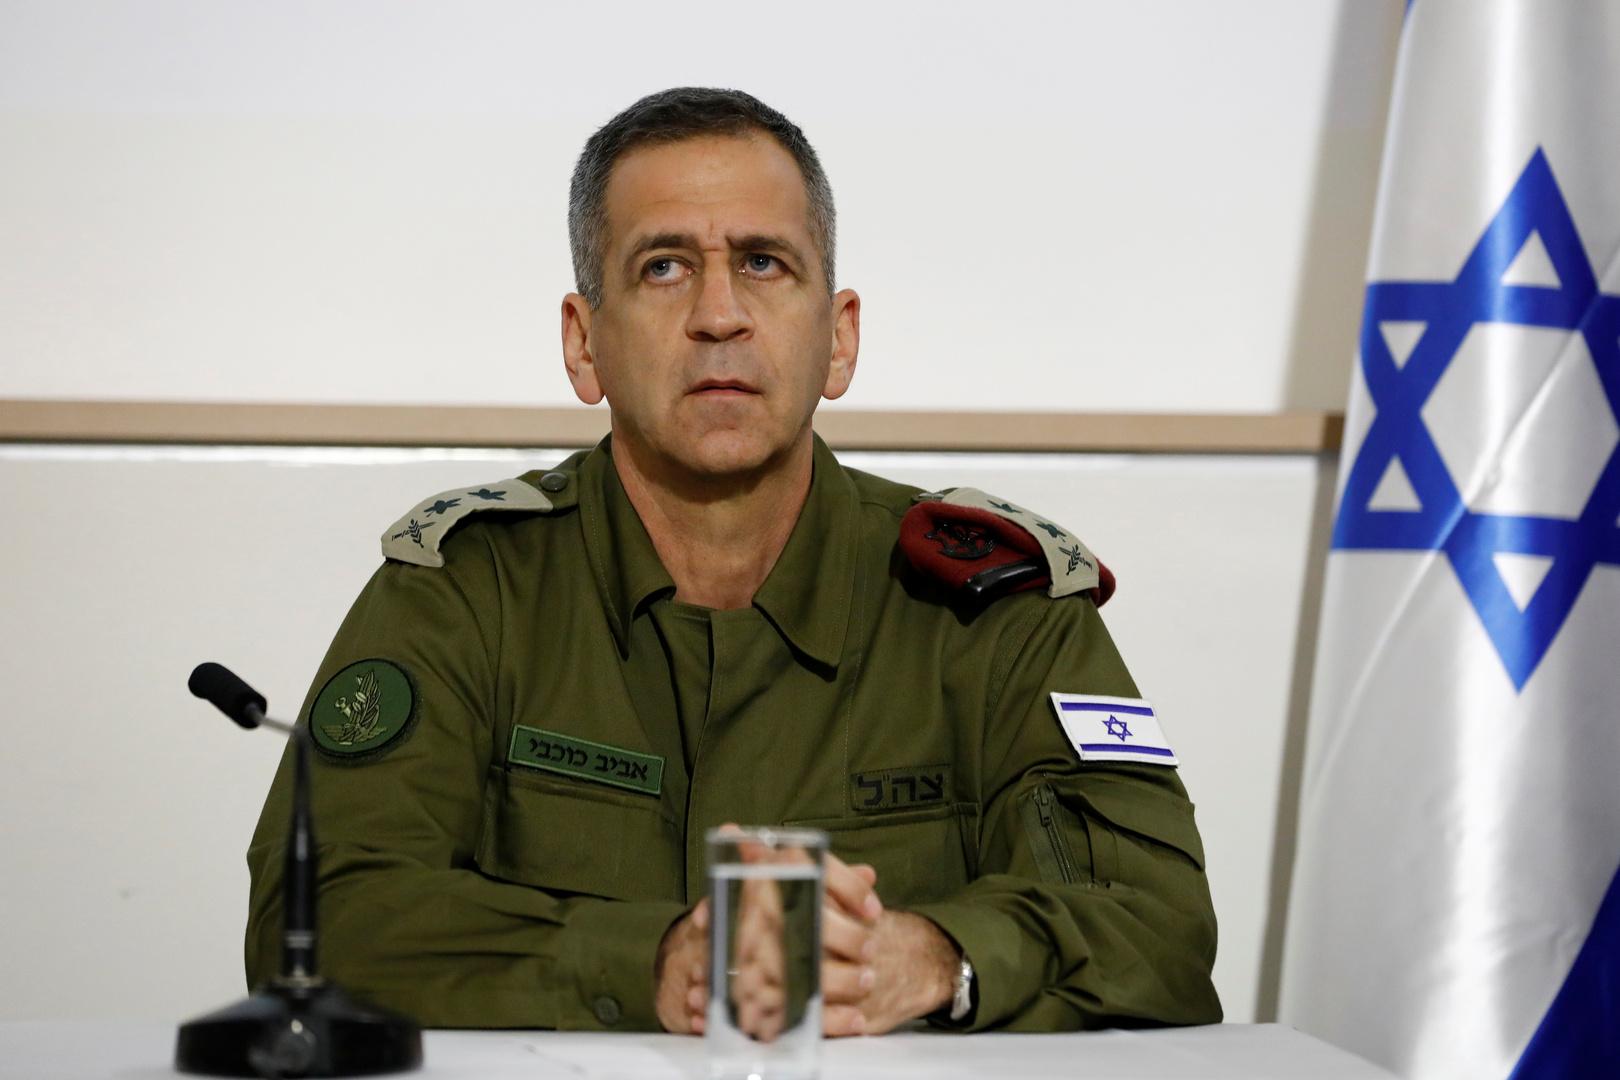 للمرة الثانية خلال 4 أشهر.. مروحية قائد الأركان الإسرائيلي تنفذ هبوطا اضطراريا